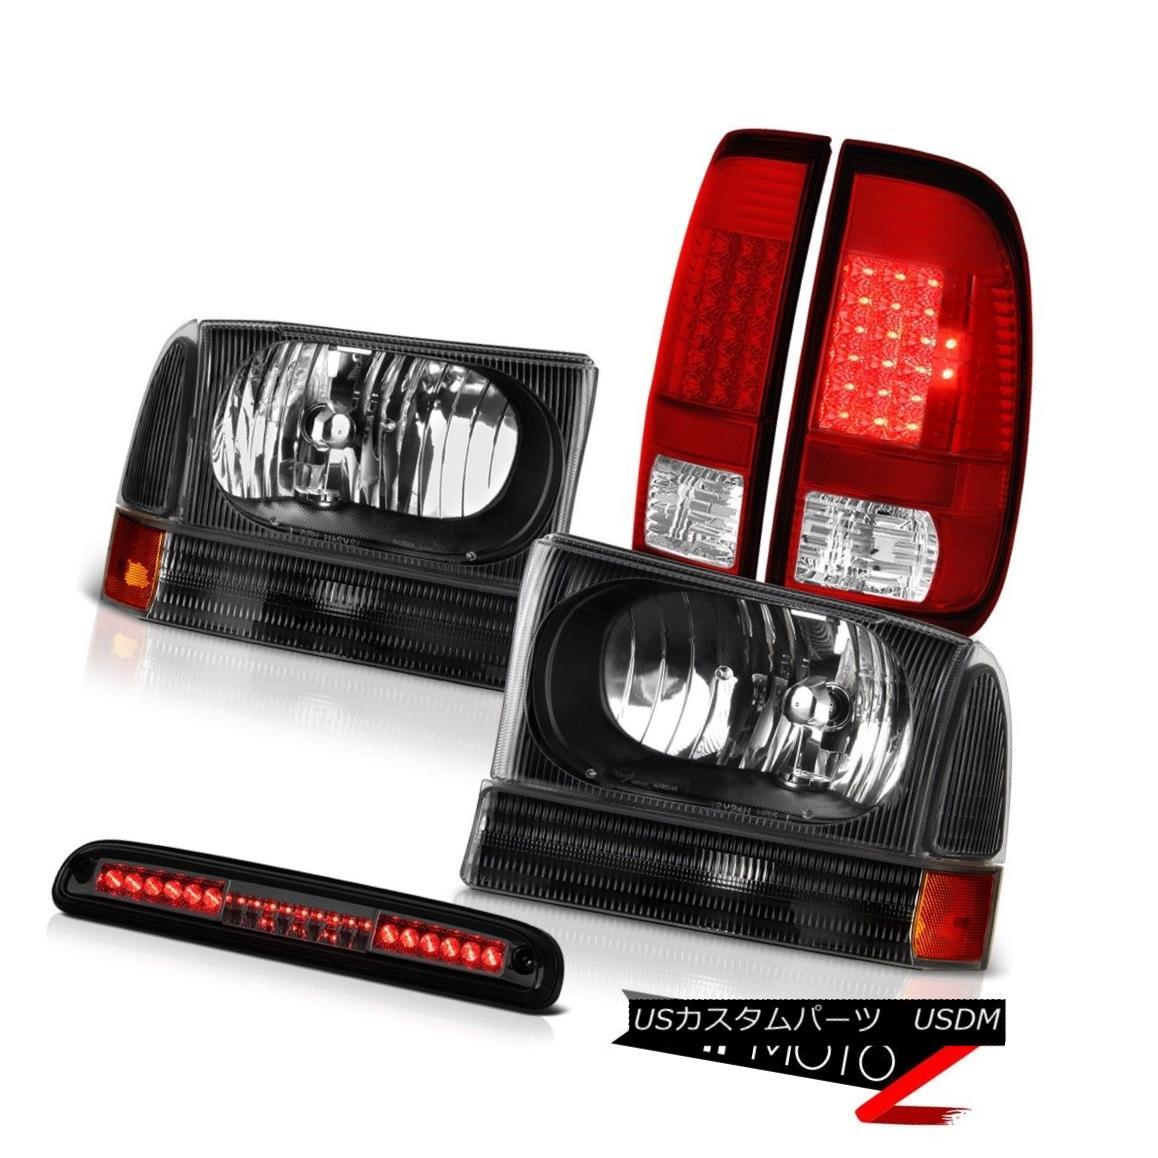 テールライト 99-04 Ford SuperDuty Matte Black Headlights Red Tail Lights High Stop LED Smoke 99-04 Ford SuperDutyマットブラックヘッドライトレッドテールライトハイストップLEDスモーク